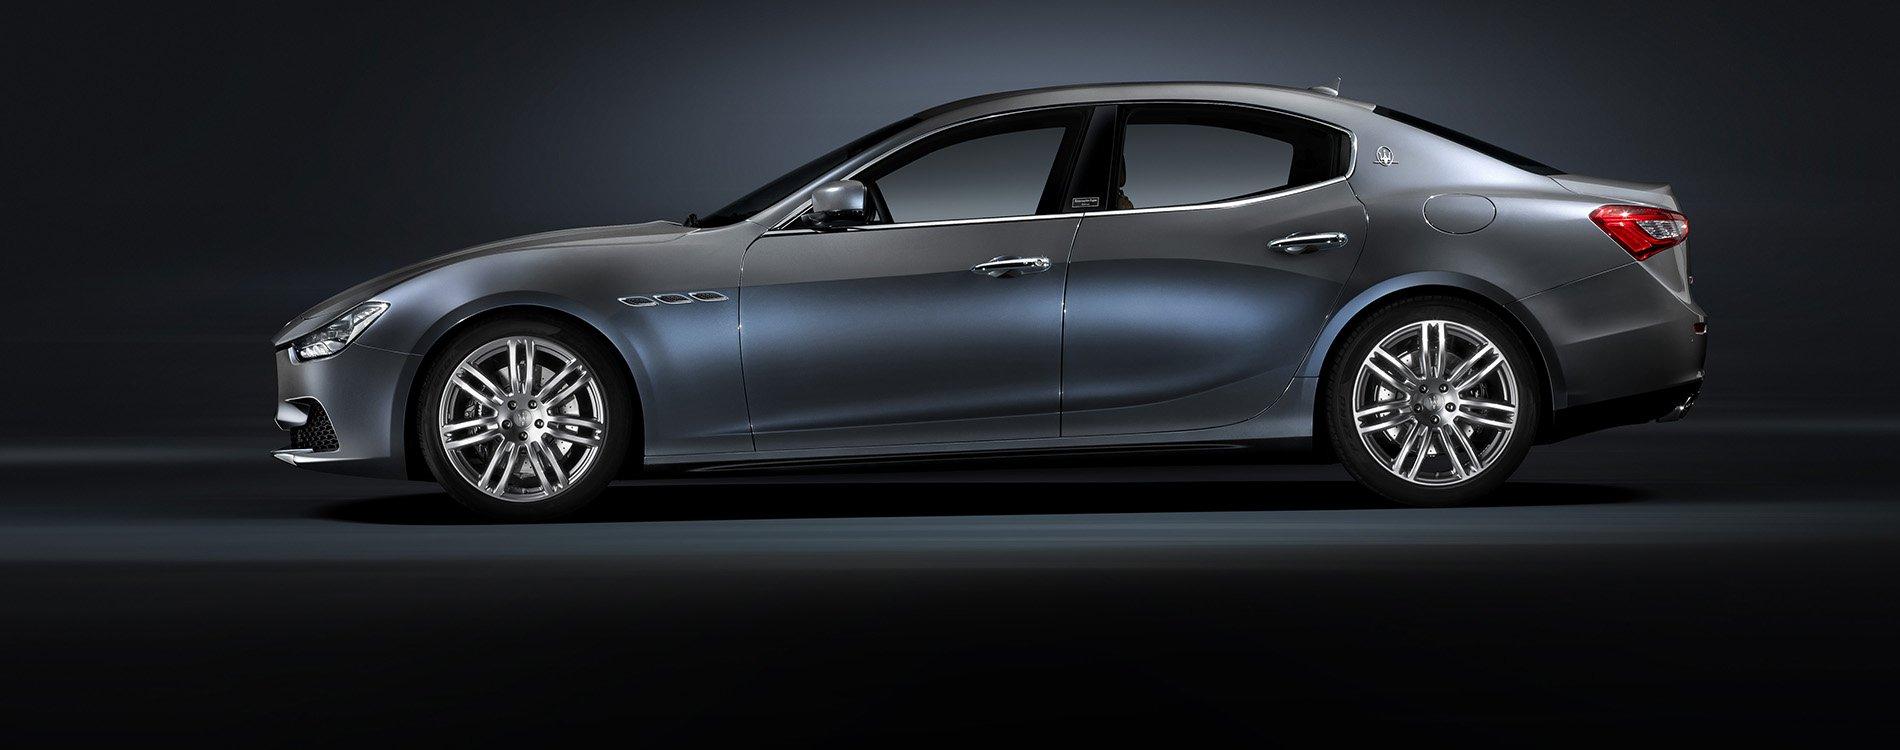 Zegna y Maserati, estilo italiano en un coche